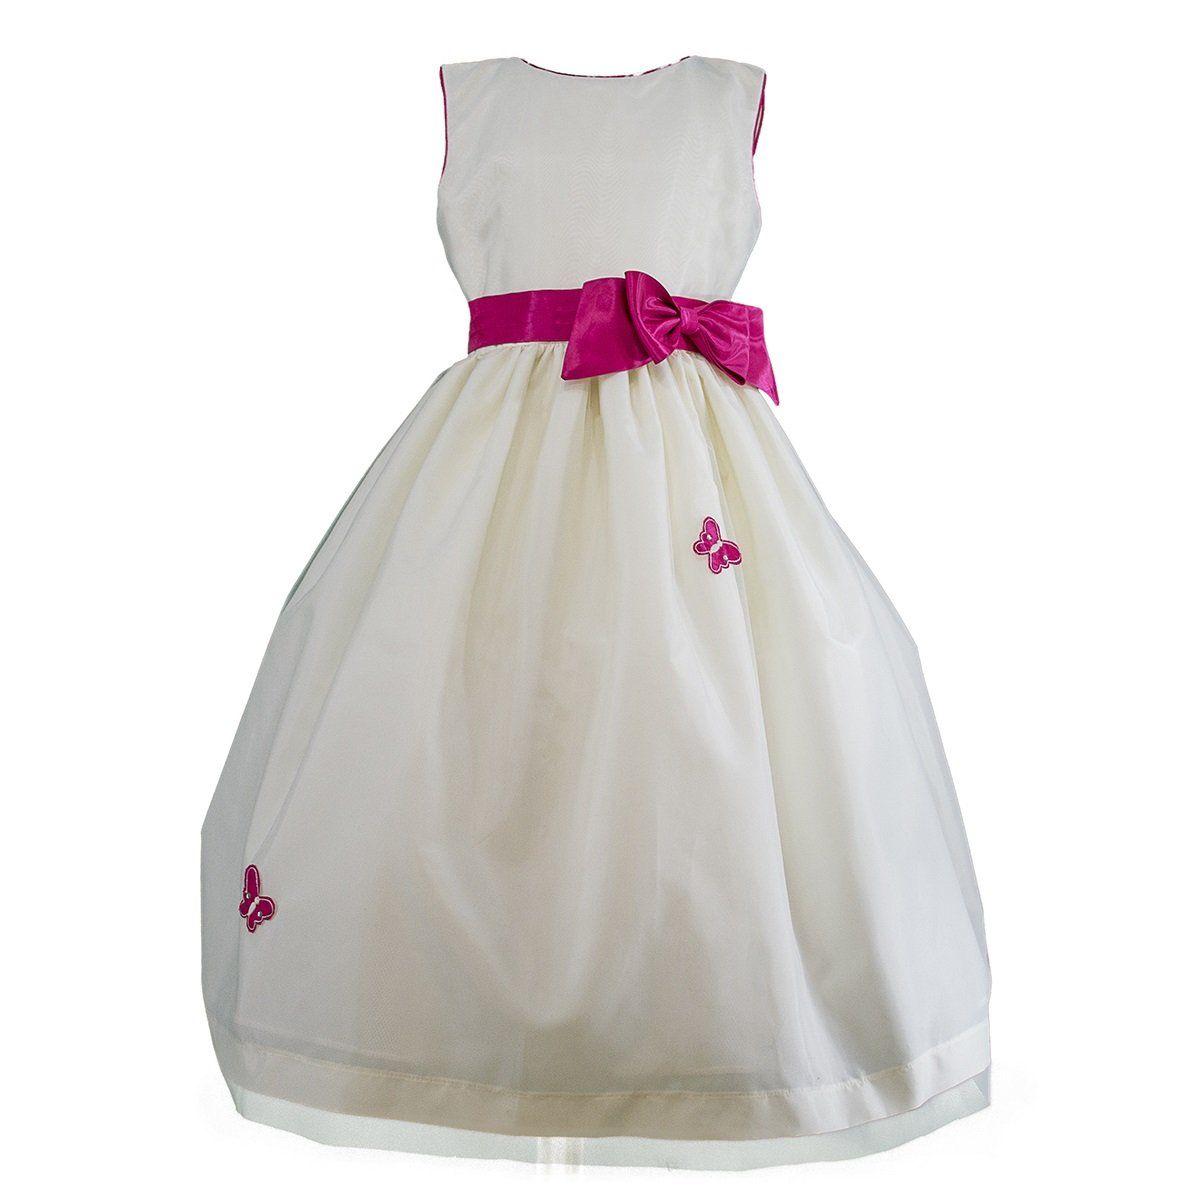 fbfb8853a3 Vestido blanco con Mariposas Gerat